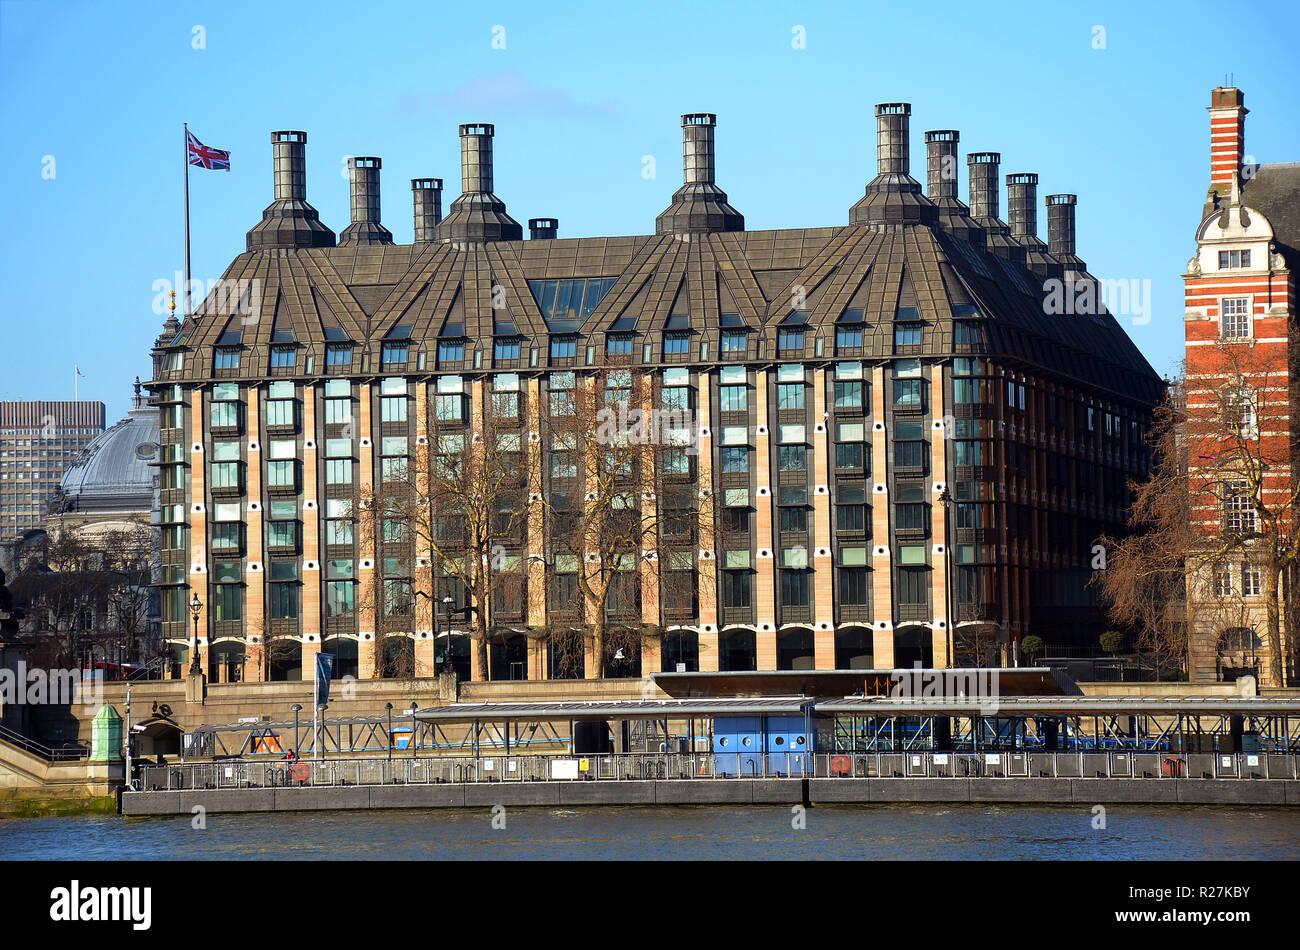 Londres, Reino Unido, 25 de febrero de 2018 Portcullis House en Westminster Bridge junto a las Casas del Parlamento. Proporciona oficinas para 213 miembros de parliame Foto de stock